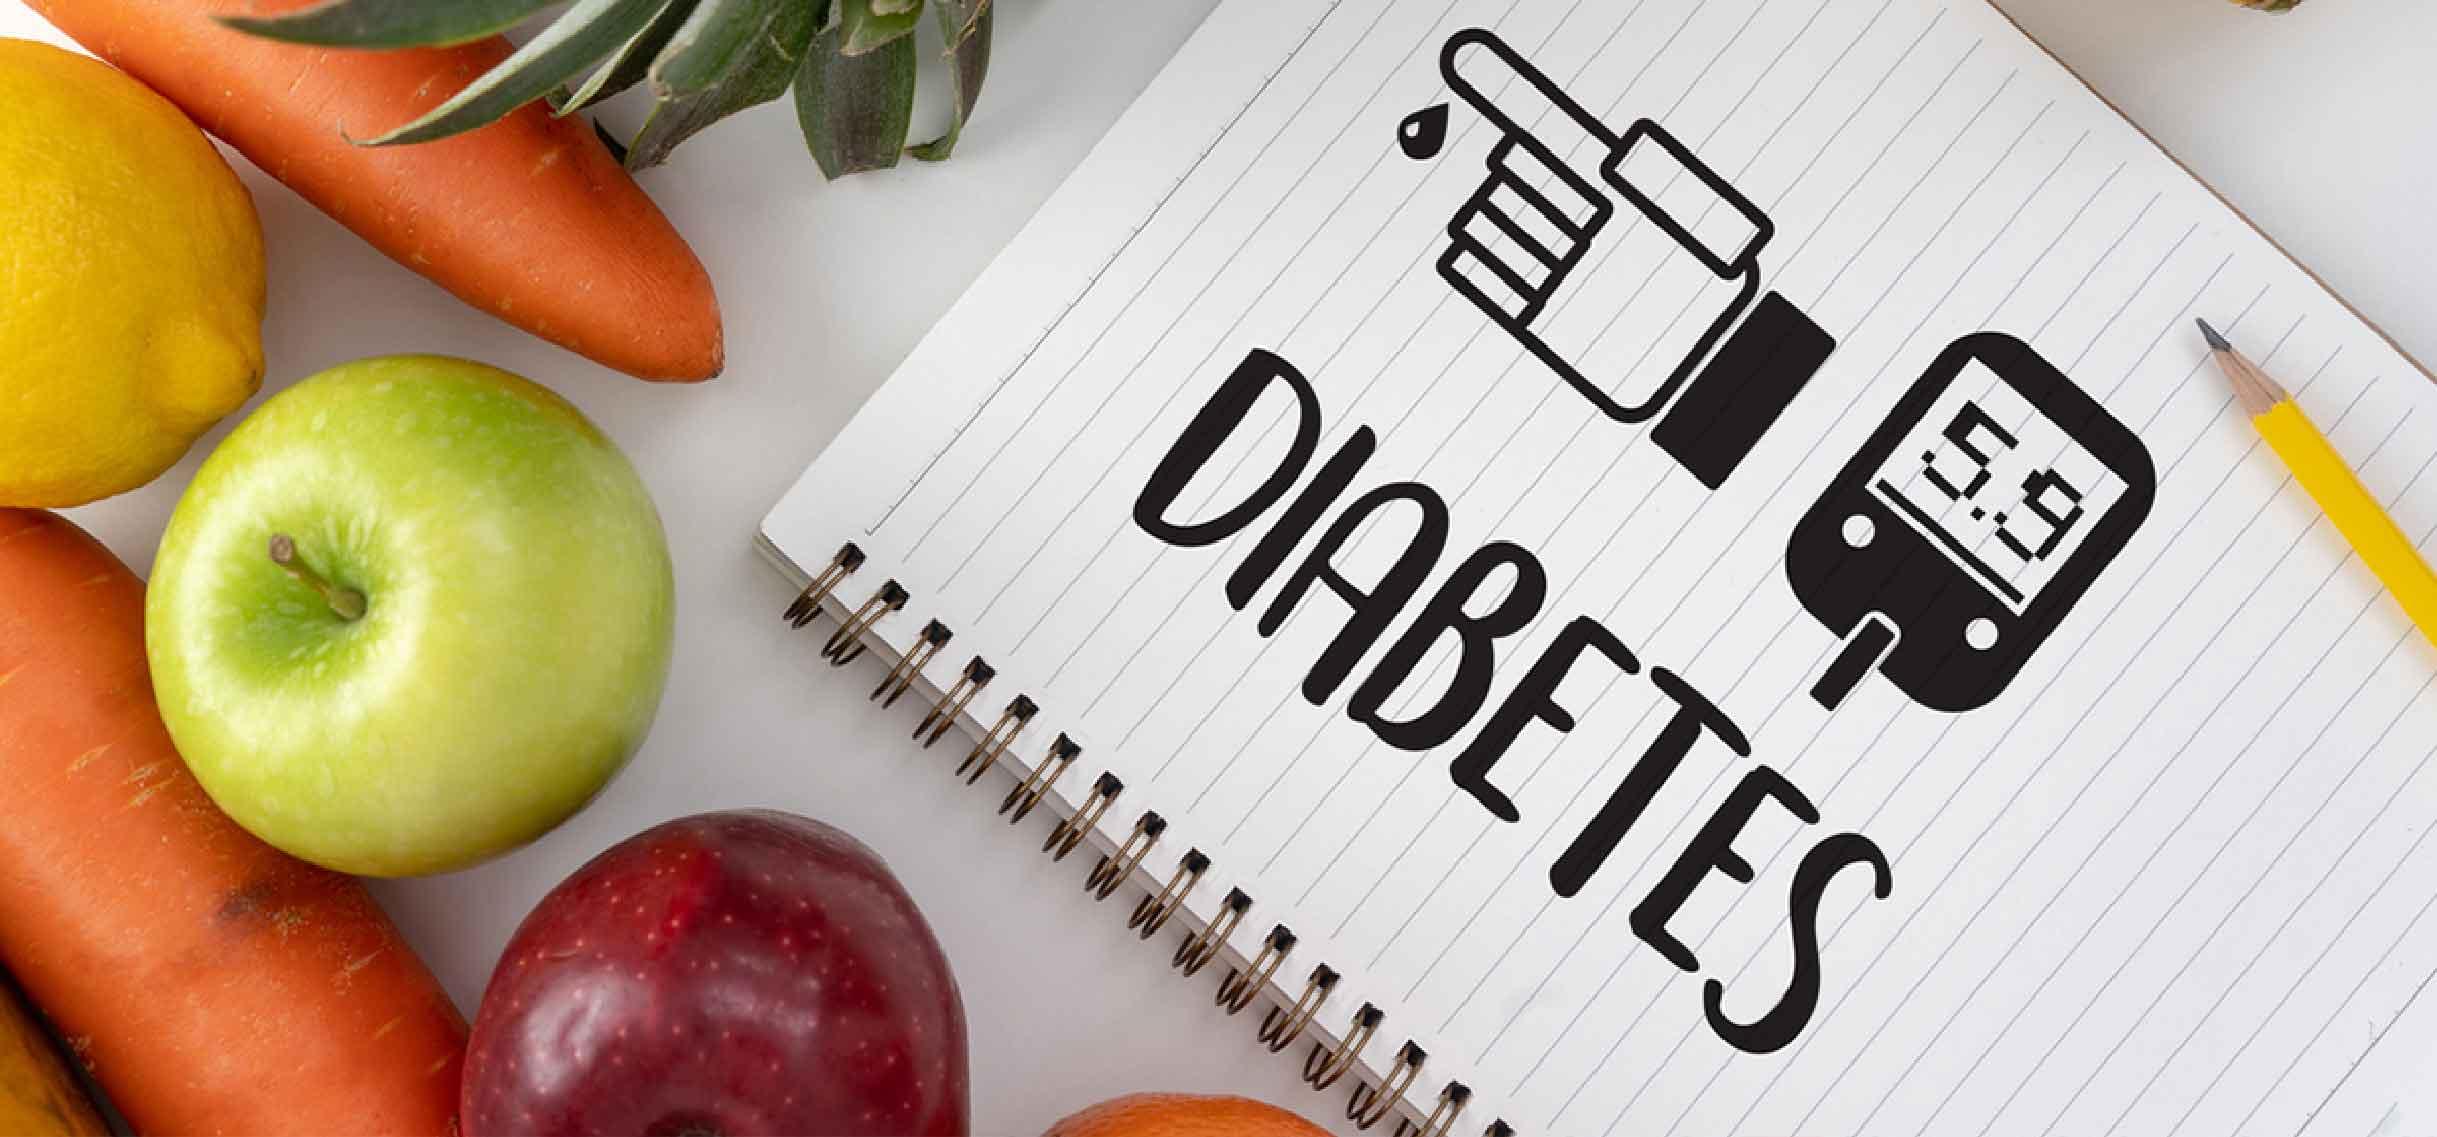 تغذیه دیابتی ها   مرکز خدمات پرستاری پارسیان مهرپرور